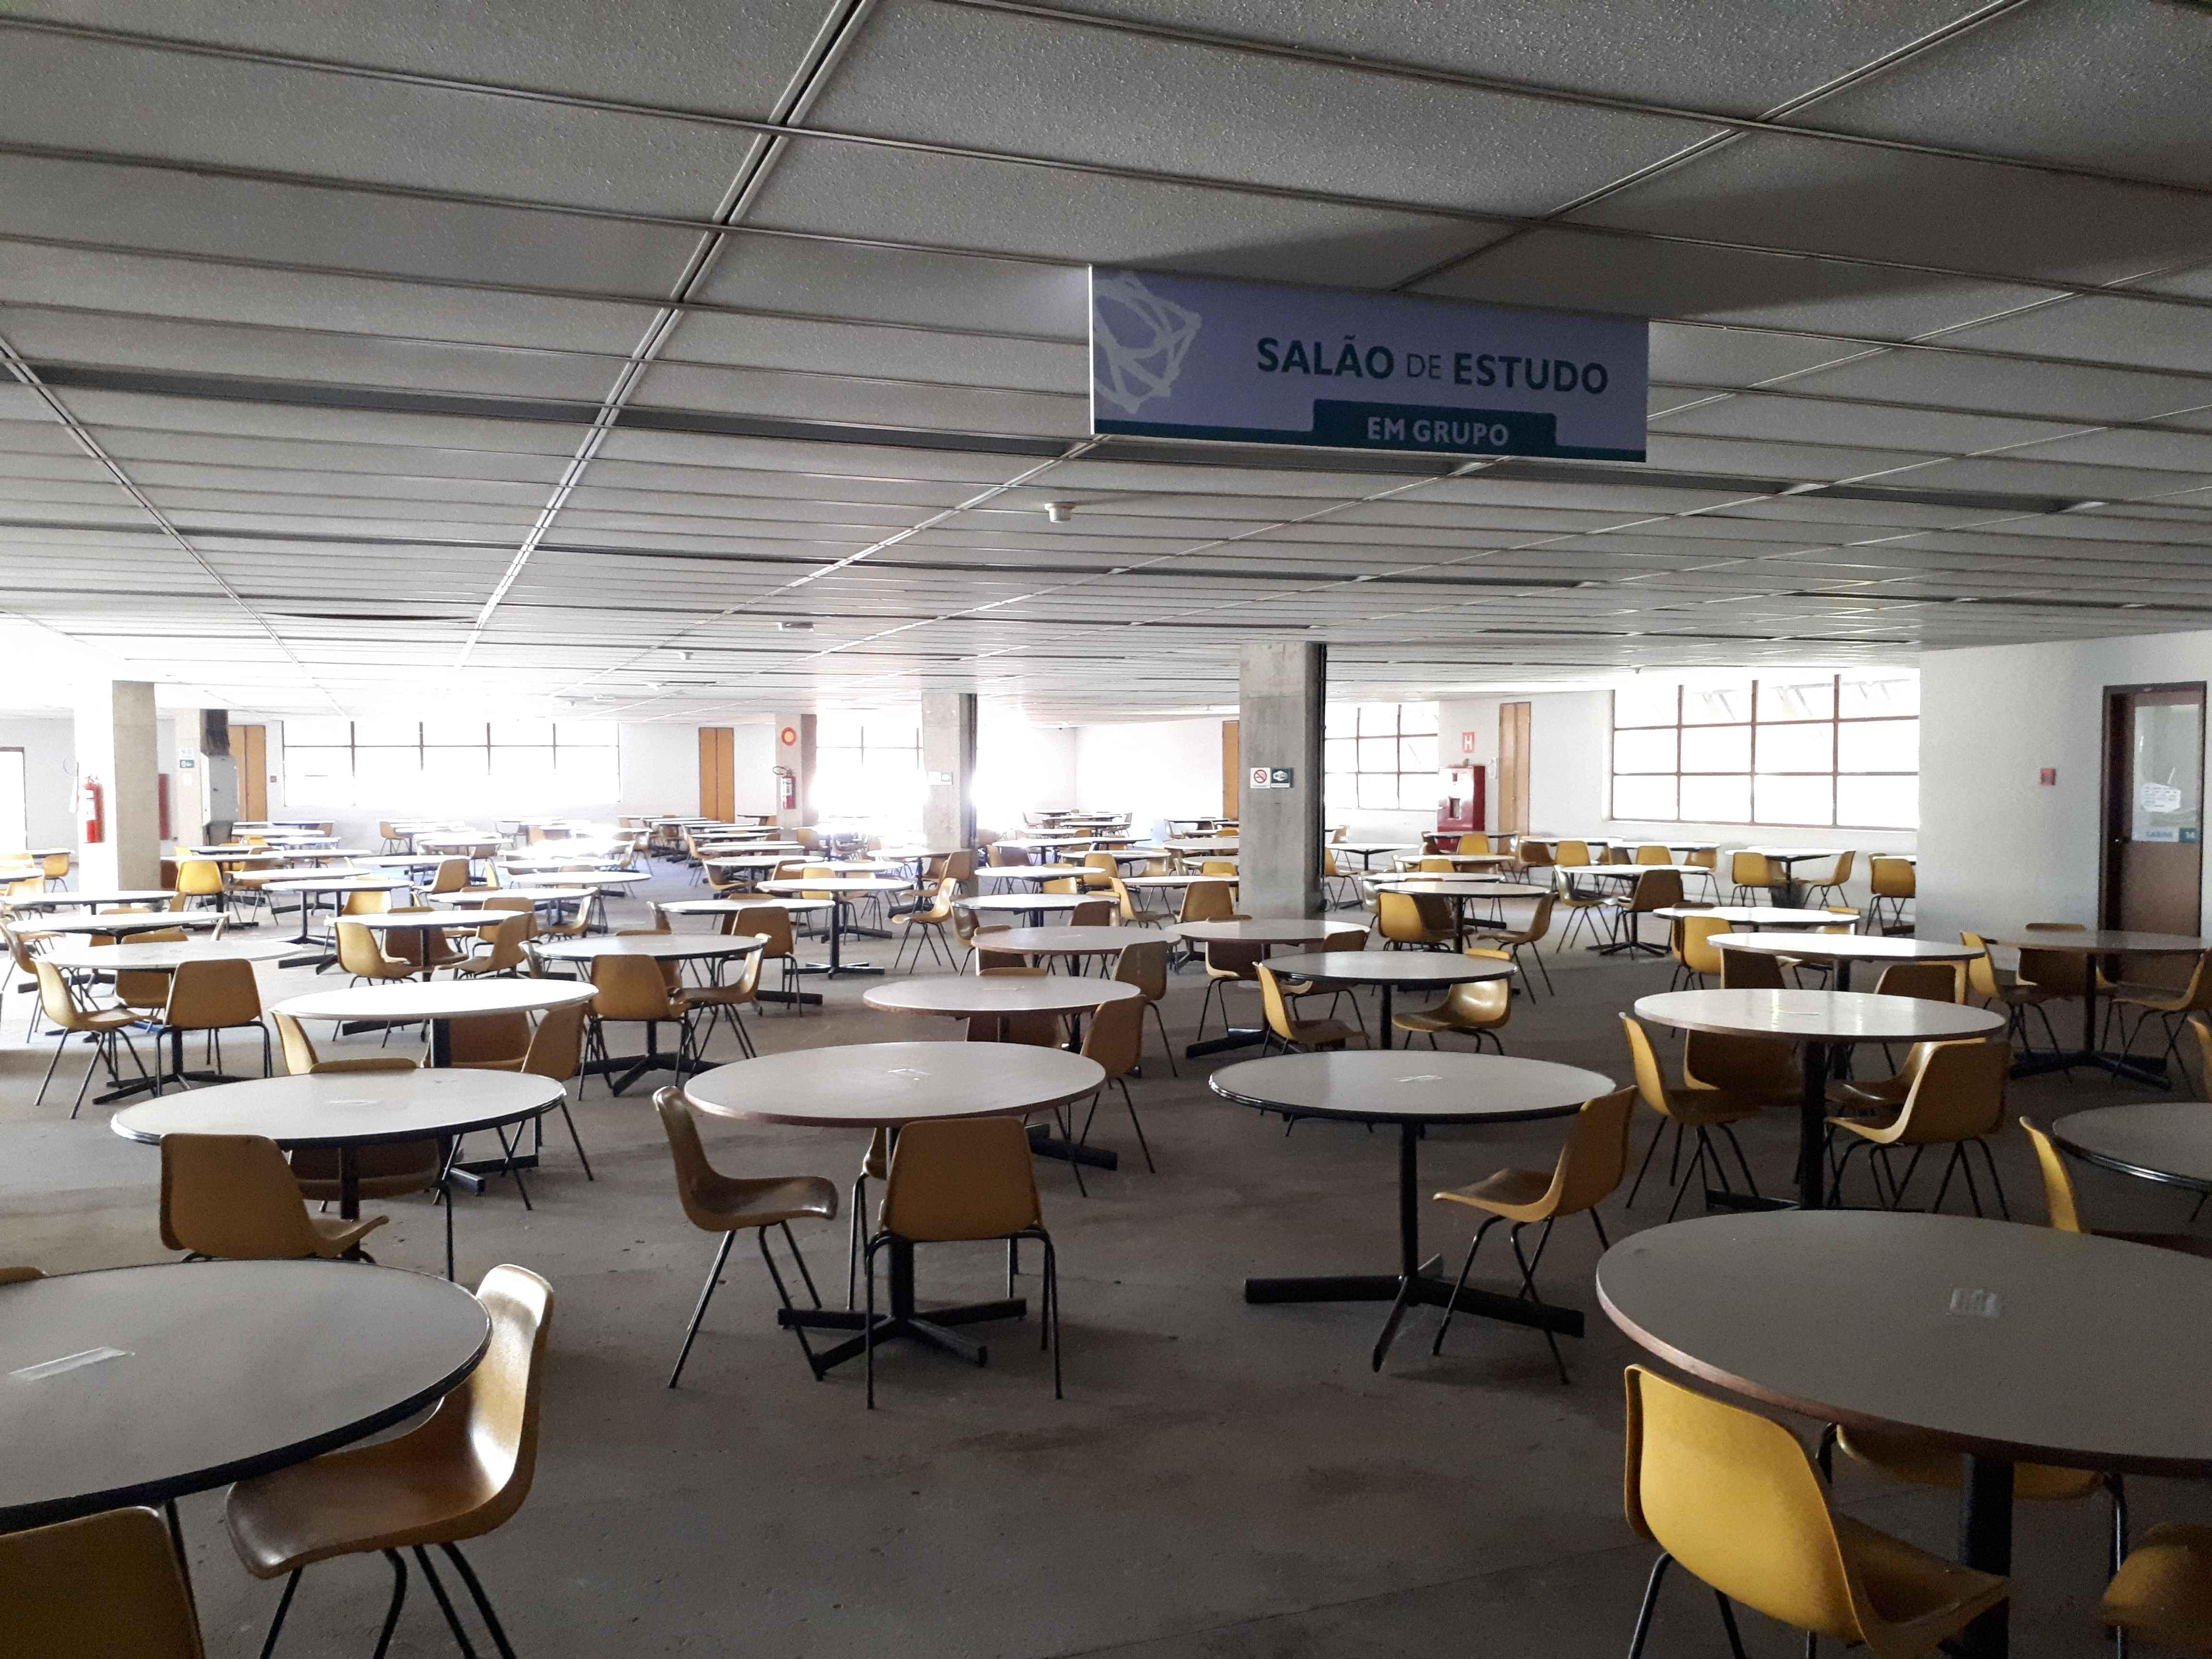 Salão de estudo da Biblioteca Universitário vazio durante a pandemia: